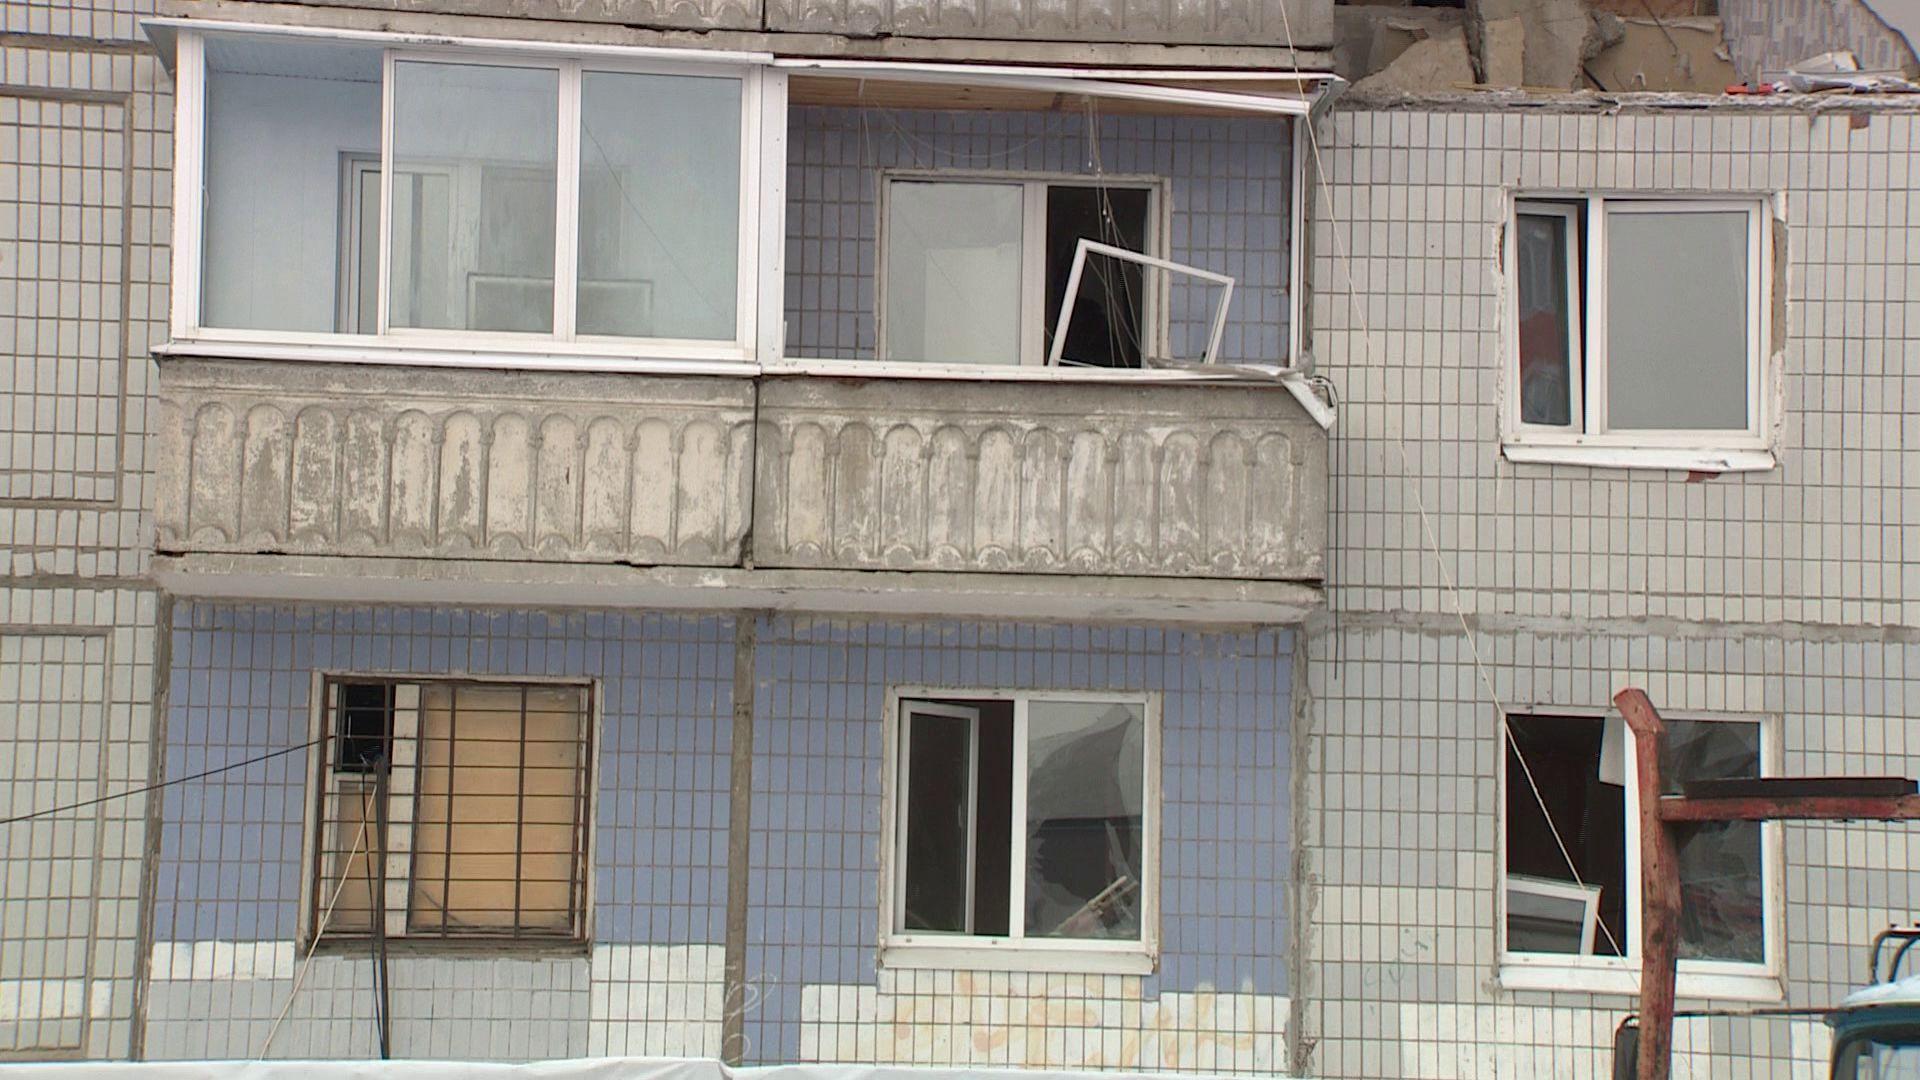 Жителю пострадавшей при взрыве газа квартиры не хватает компенсации на покупку нового жилья